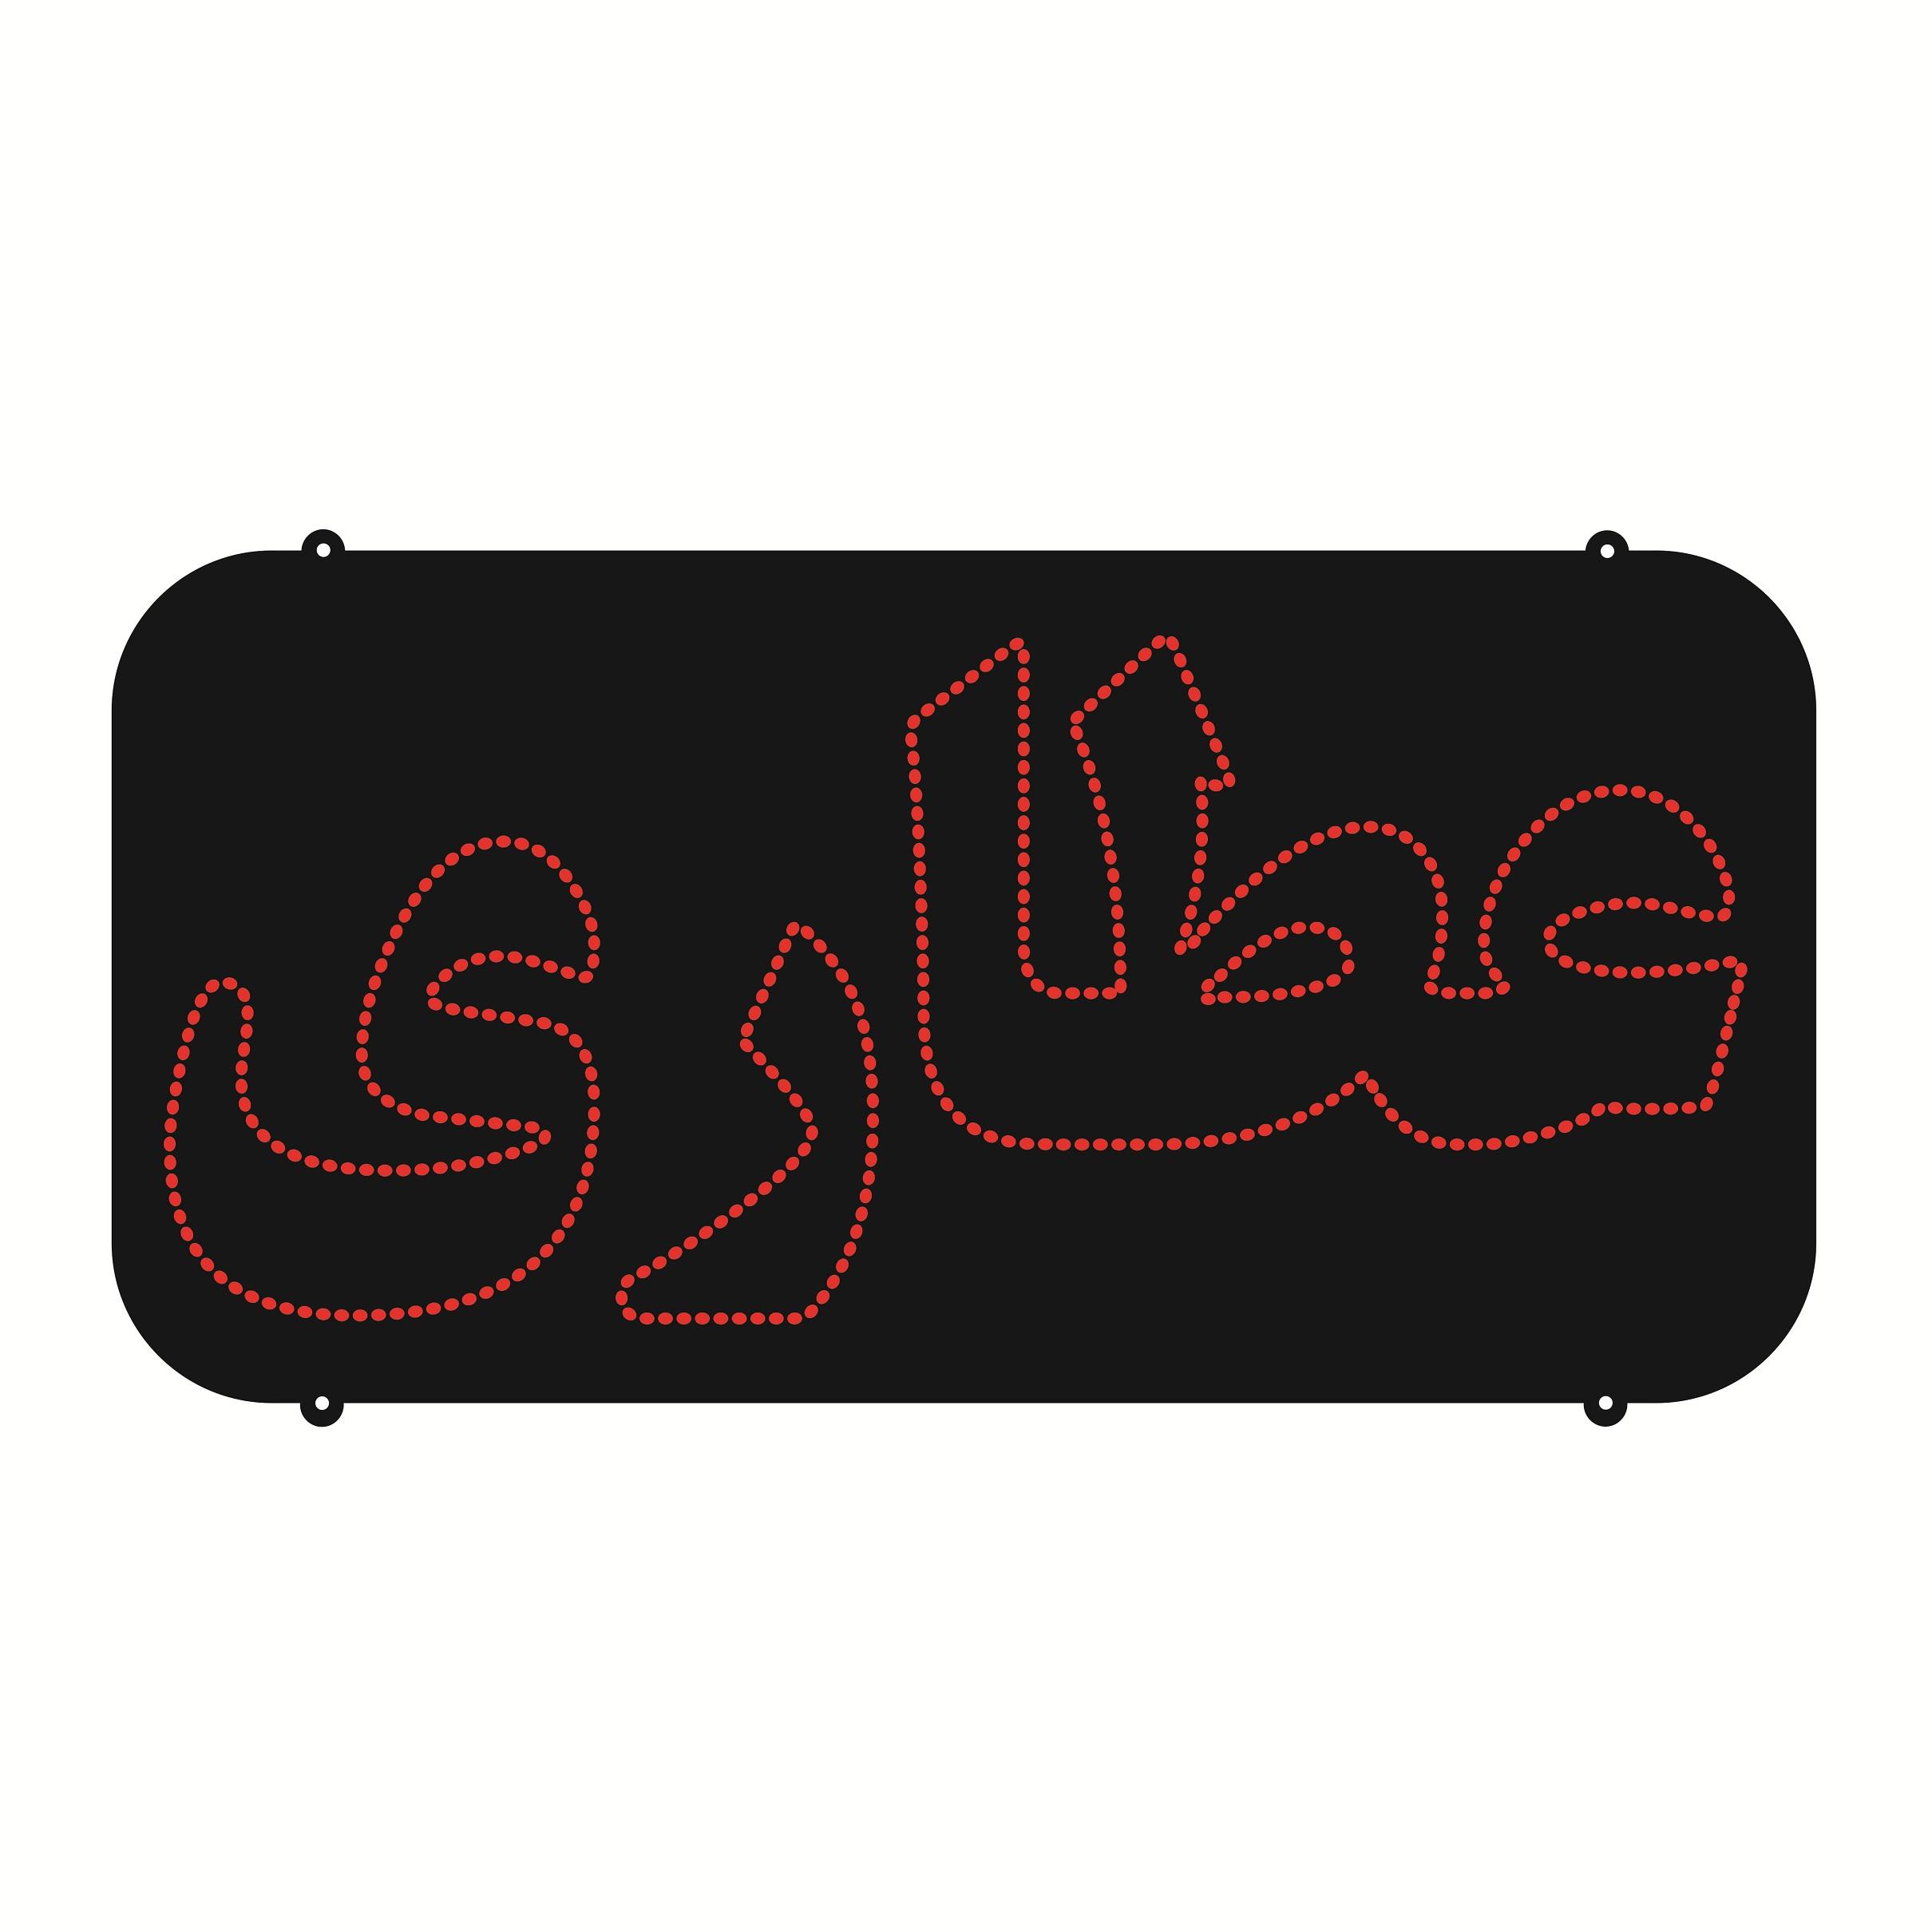 تابلو ال ای دی طرح عطاری کد ۱۵۰۲